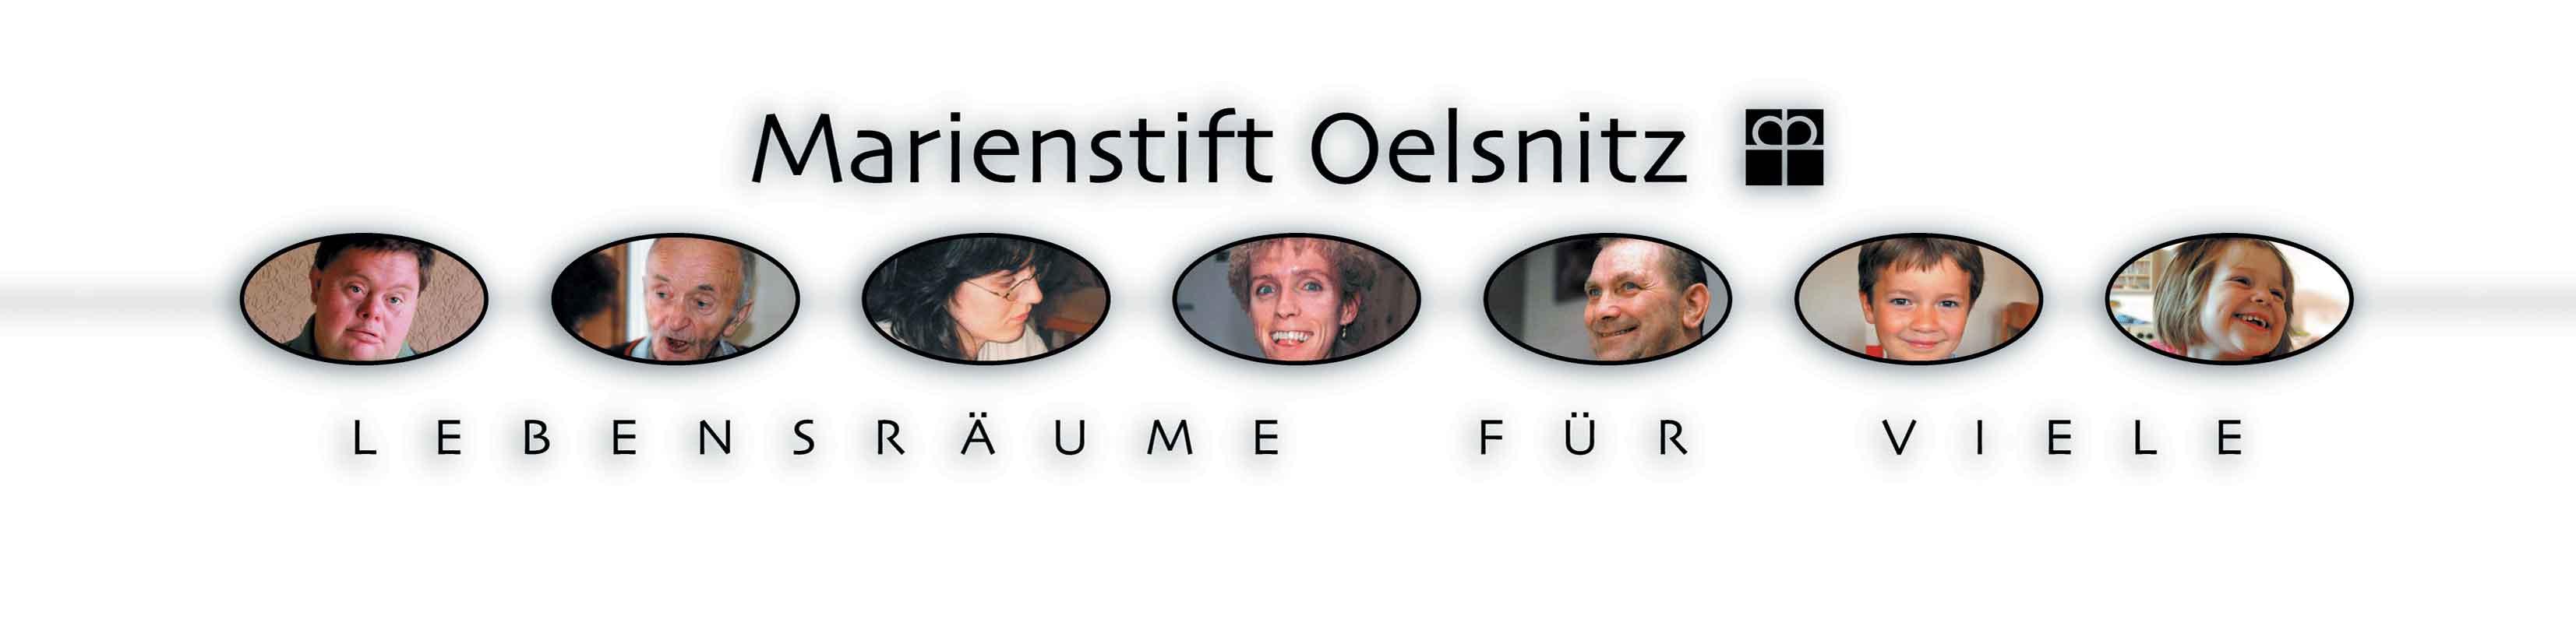 Obervogtländischer Verein für Innere Mission Marienstift e.V. - Ev. Schulzentrum Oberes Vogtland